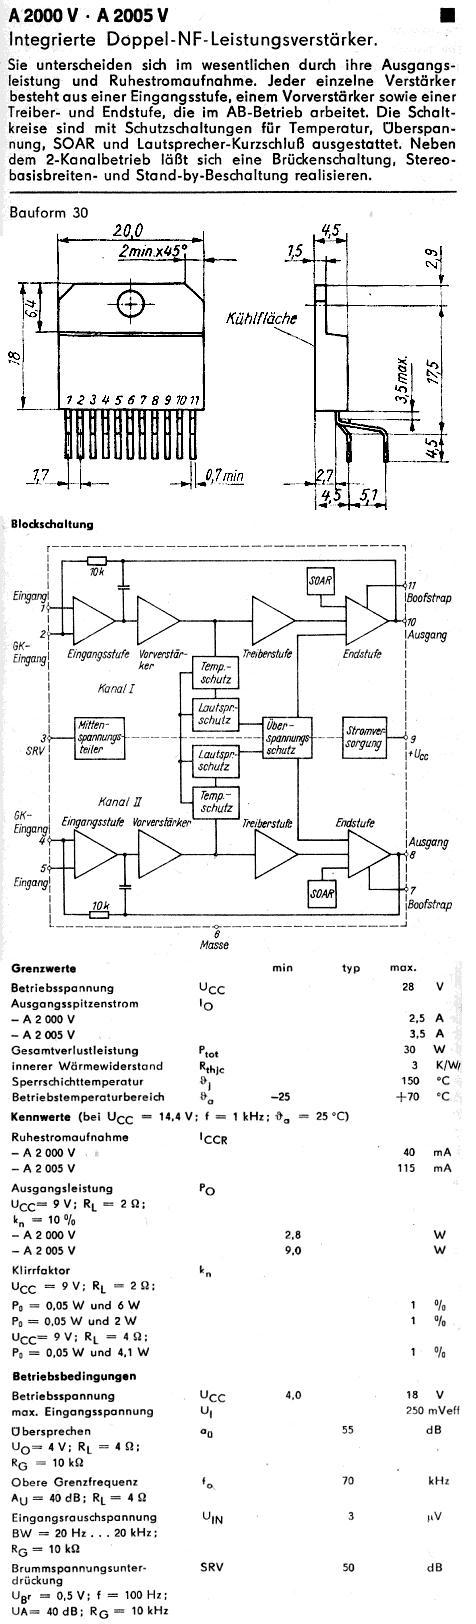 Poszukuję noty katalogowej układu scalonego audio A2000Vm